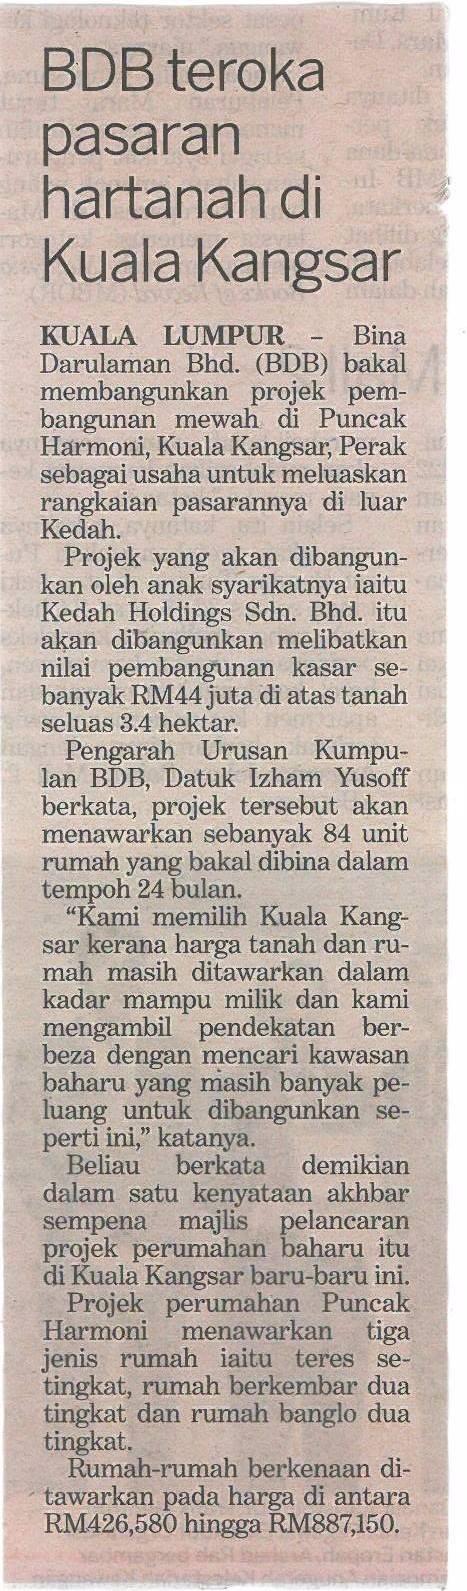 BDB teroka pasaran hartanah di Kuala Kangsar- Kosmo